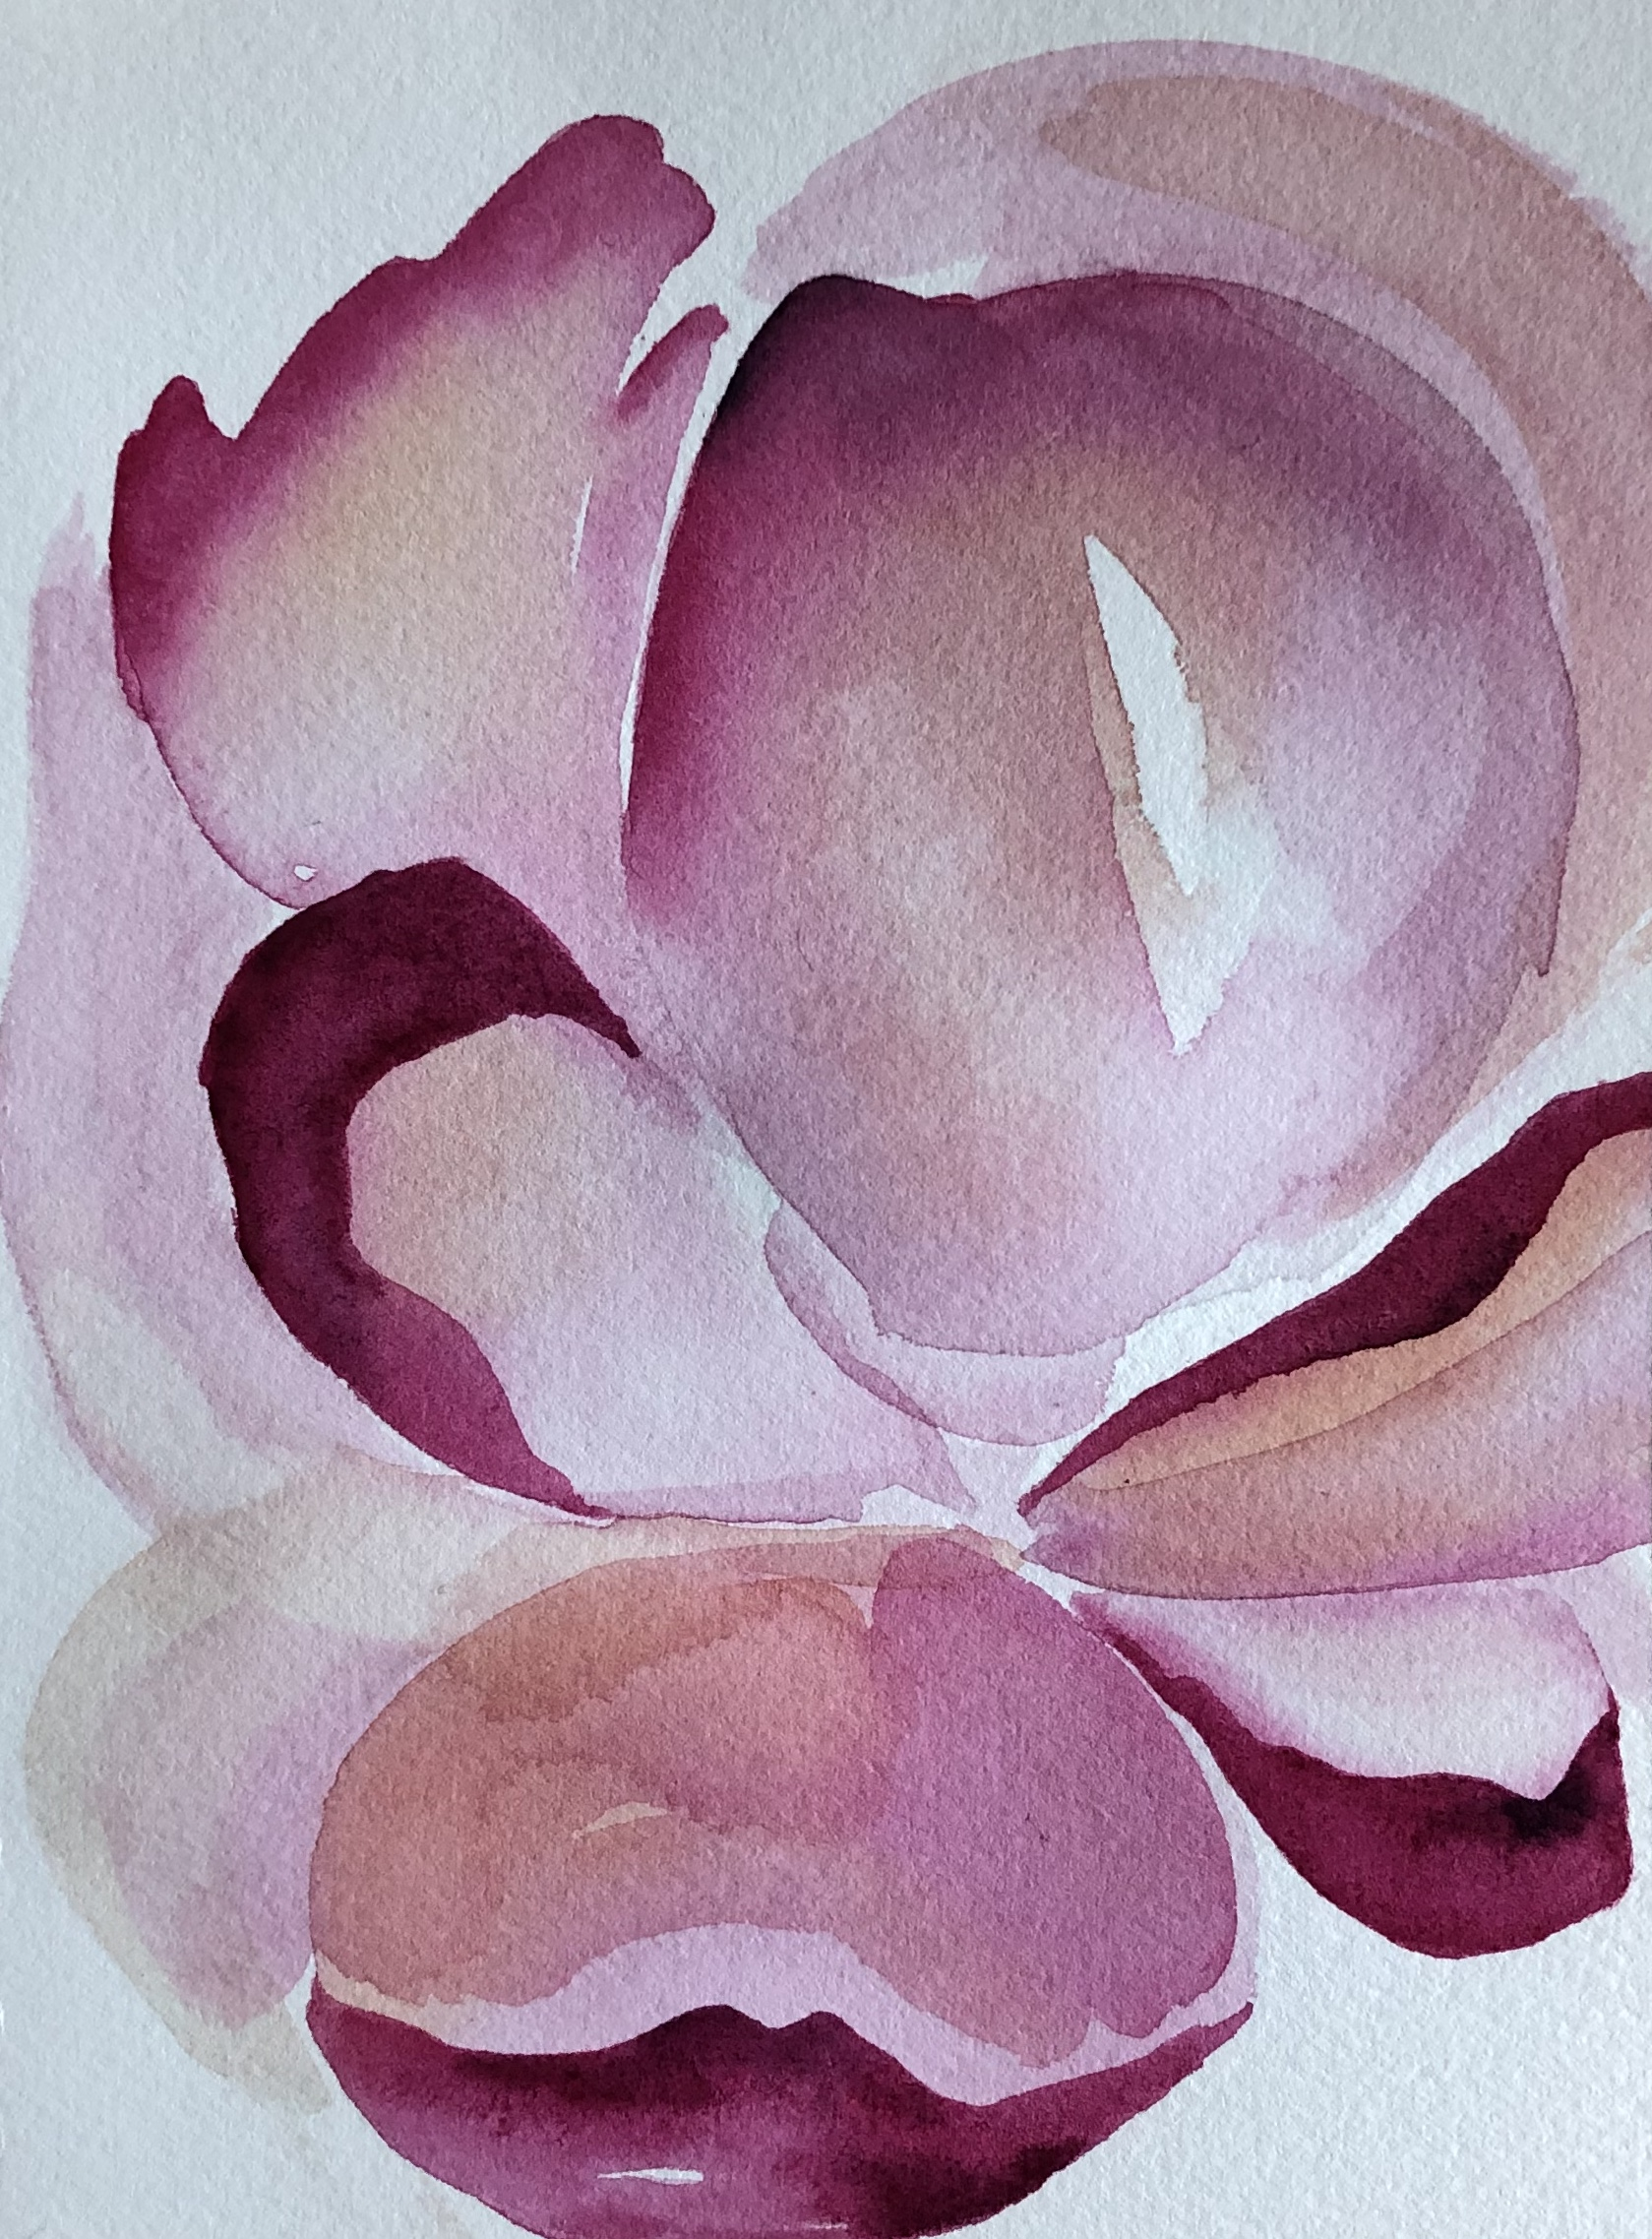 magnolia | sold